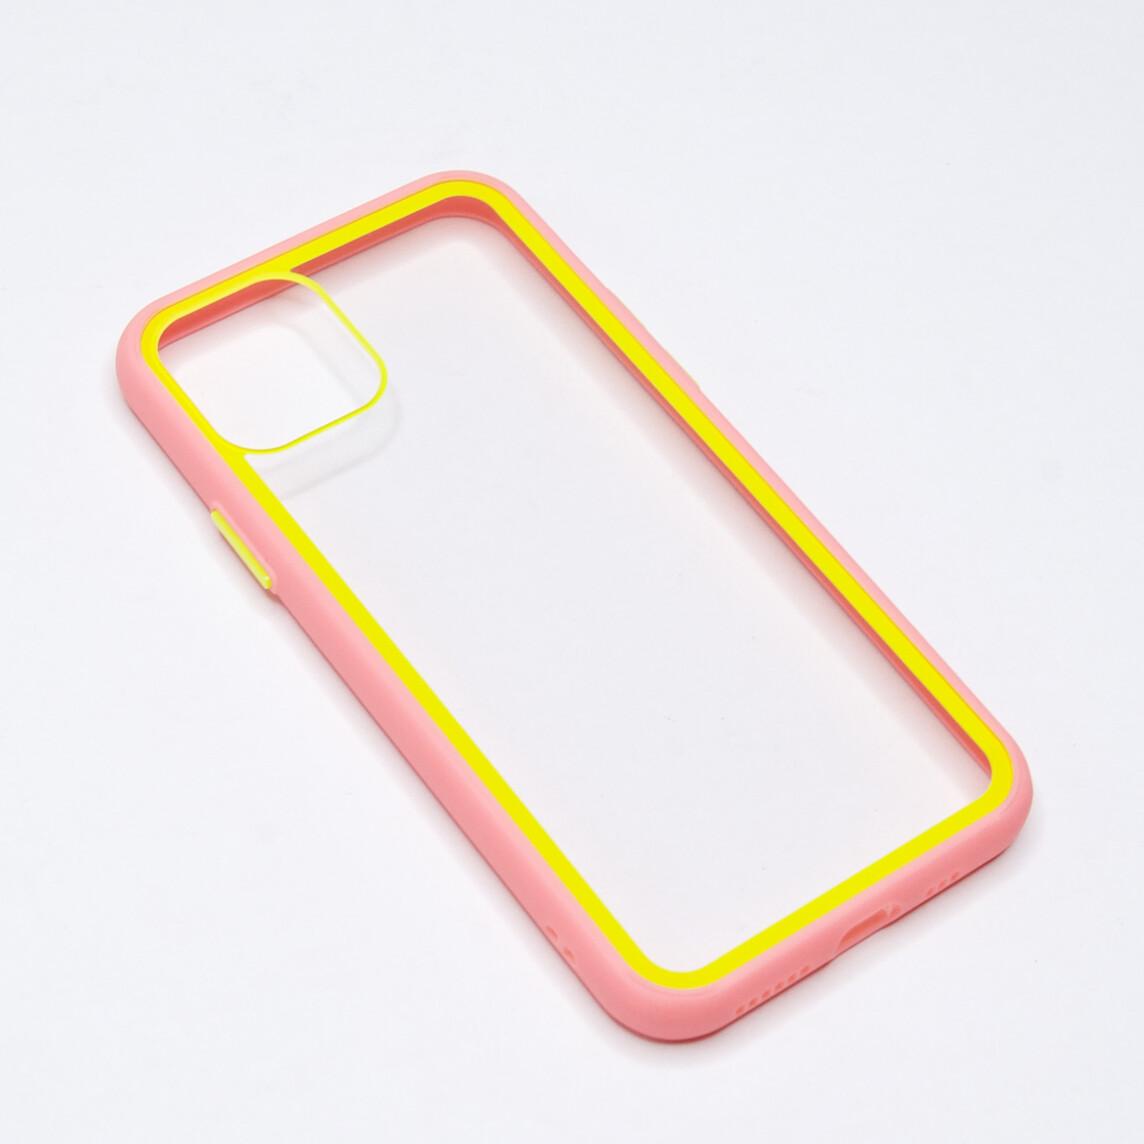 Estuche EL REY Marco De Color Rosado Y Parte De Atras Transparente - Iphone 11 Pro Max